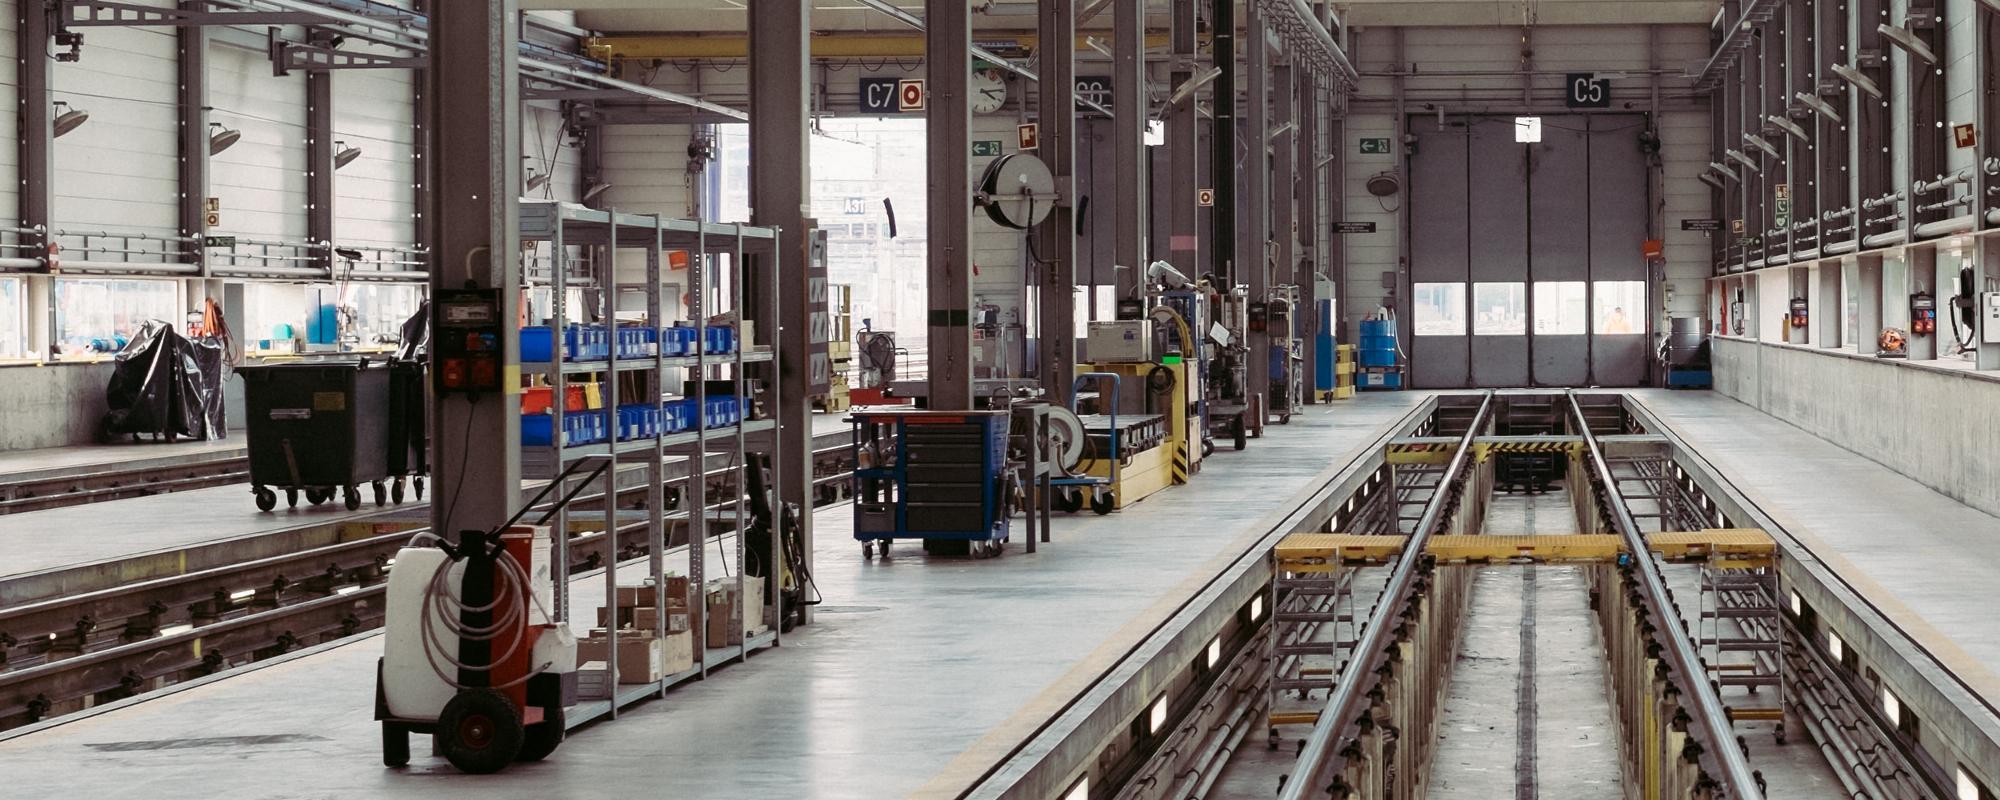 Fabriek waarin elektrische unu scooters worden gemaakt en gecontroleerd